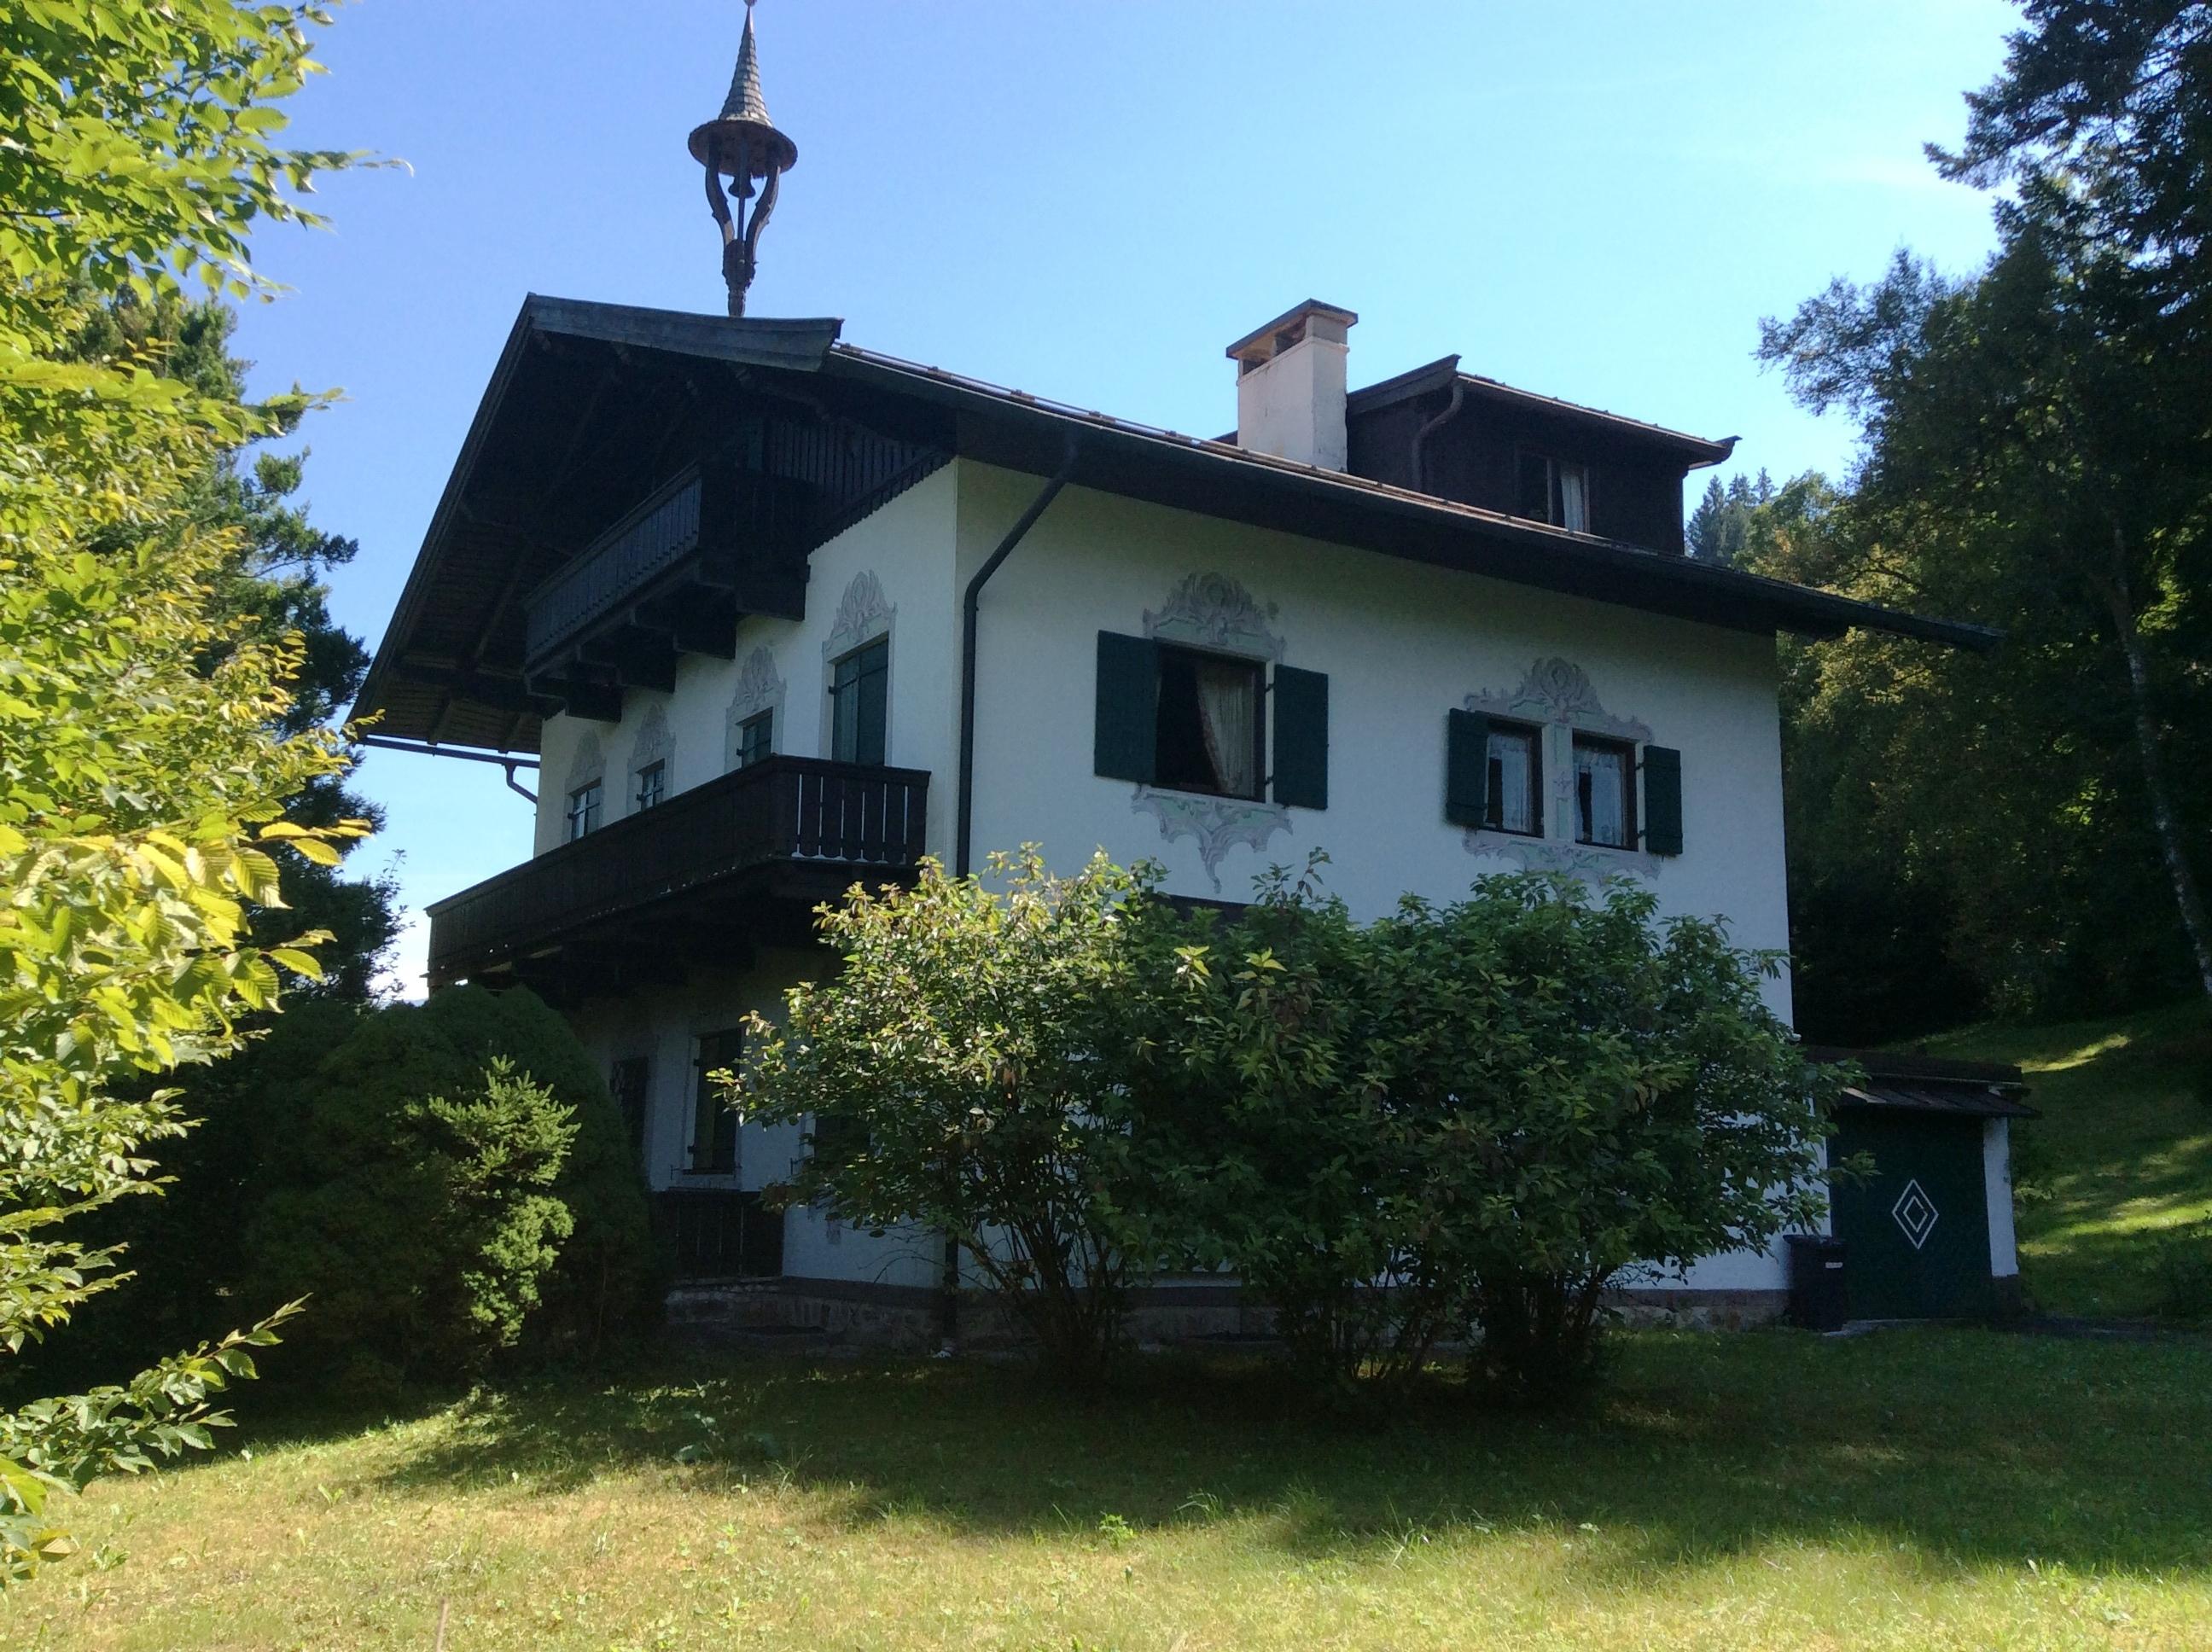 Landhausvilla in Kitzbühel, Kirchberger Strasse 1